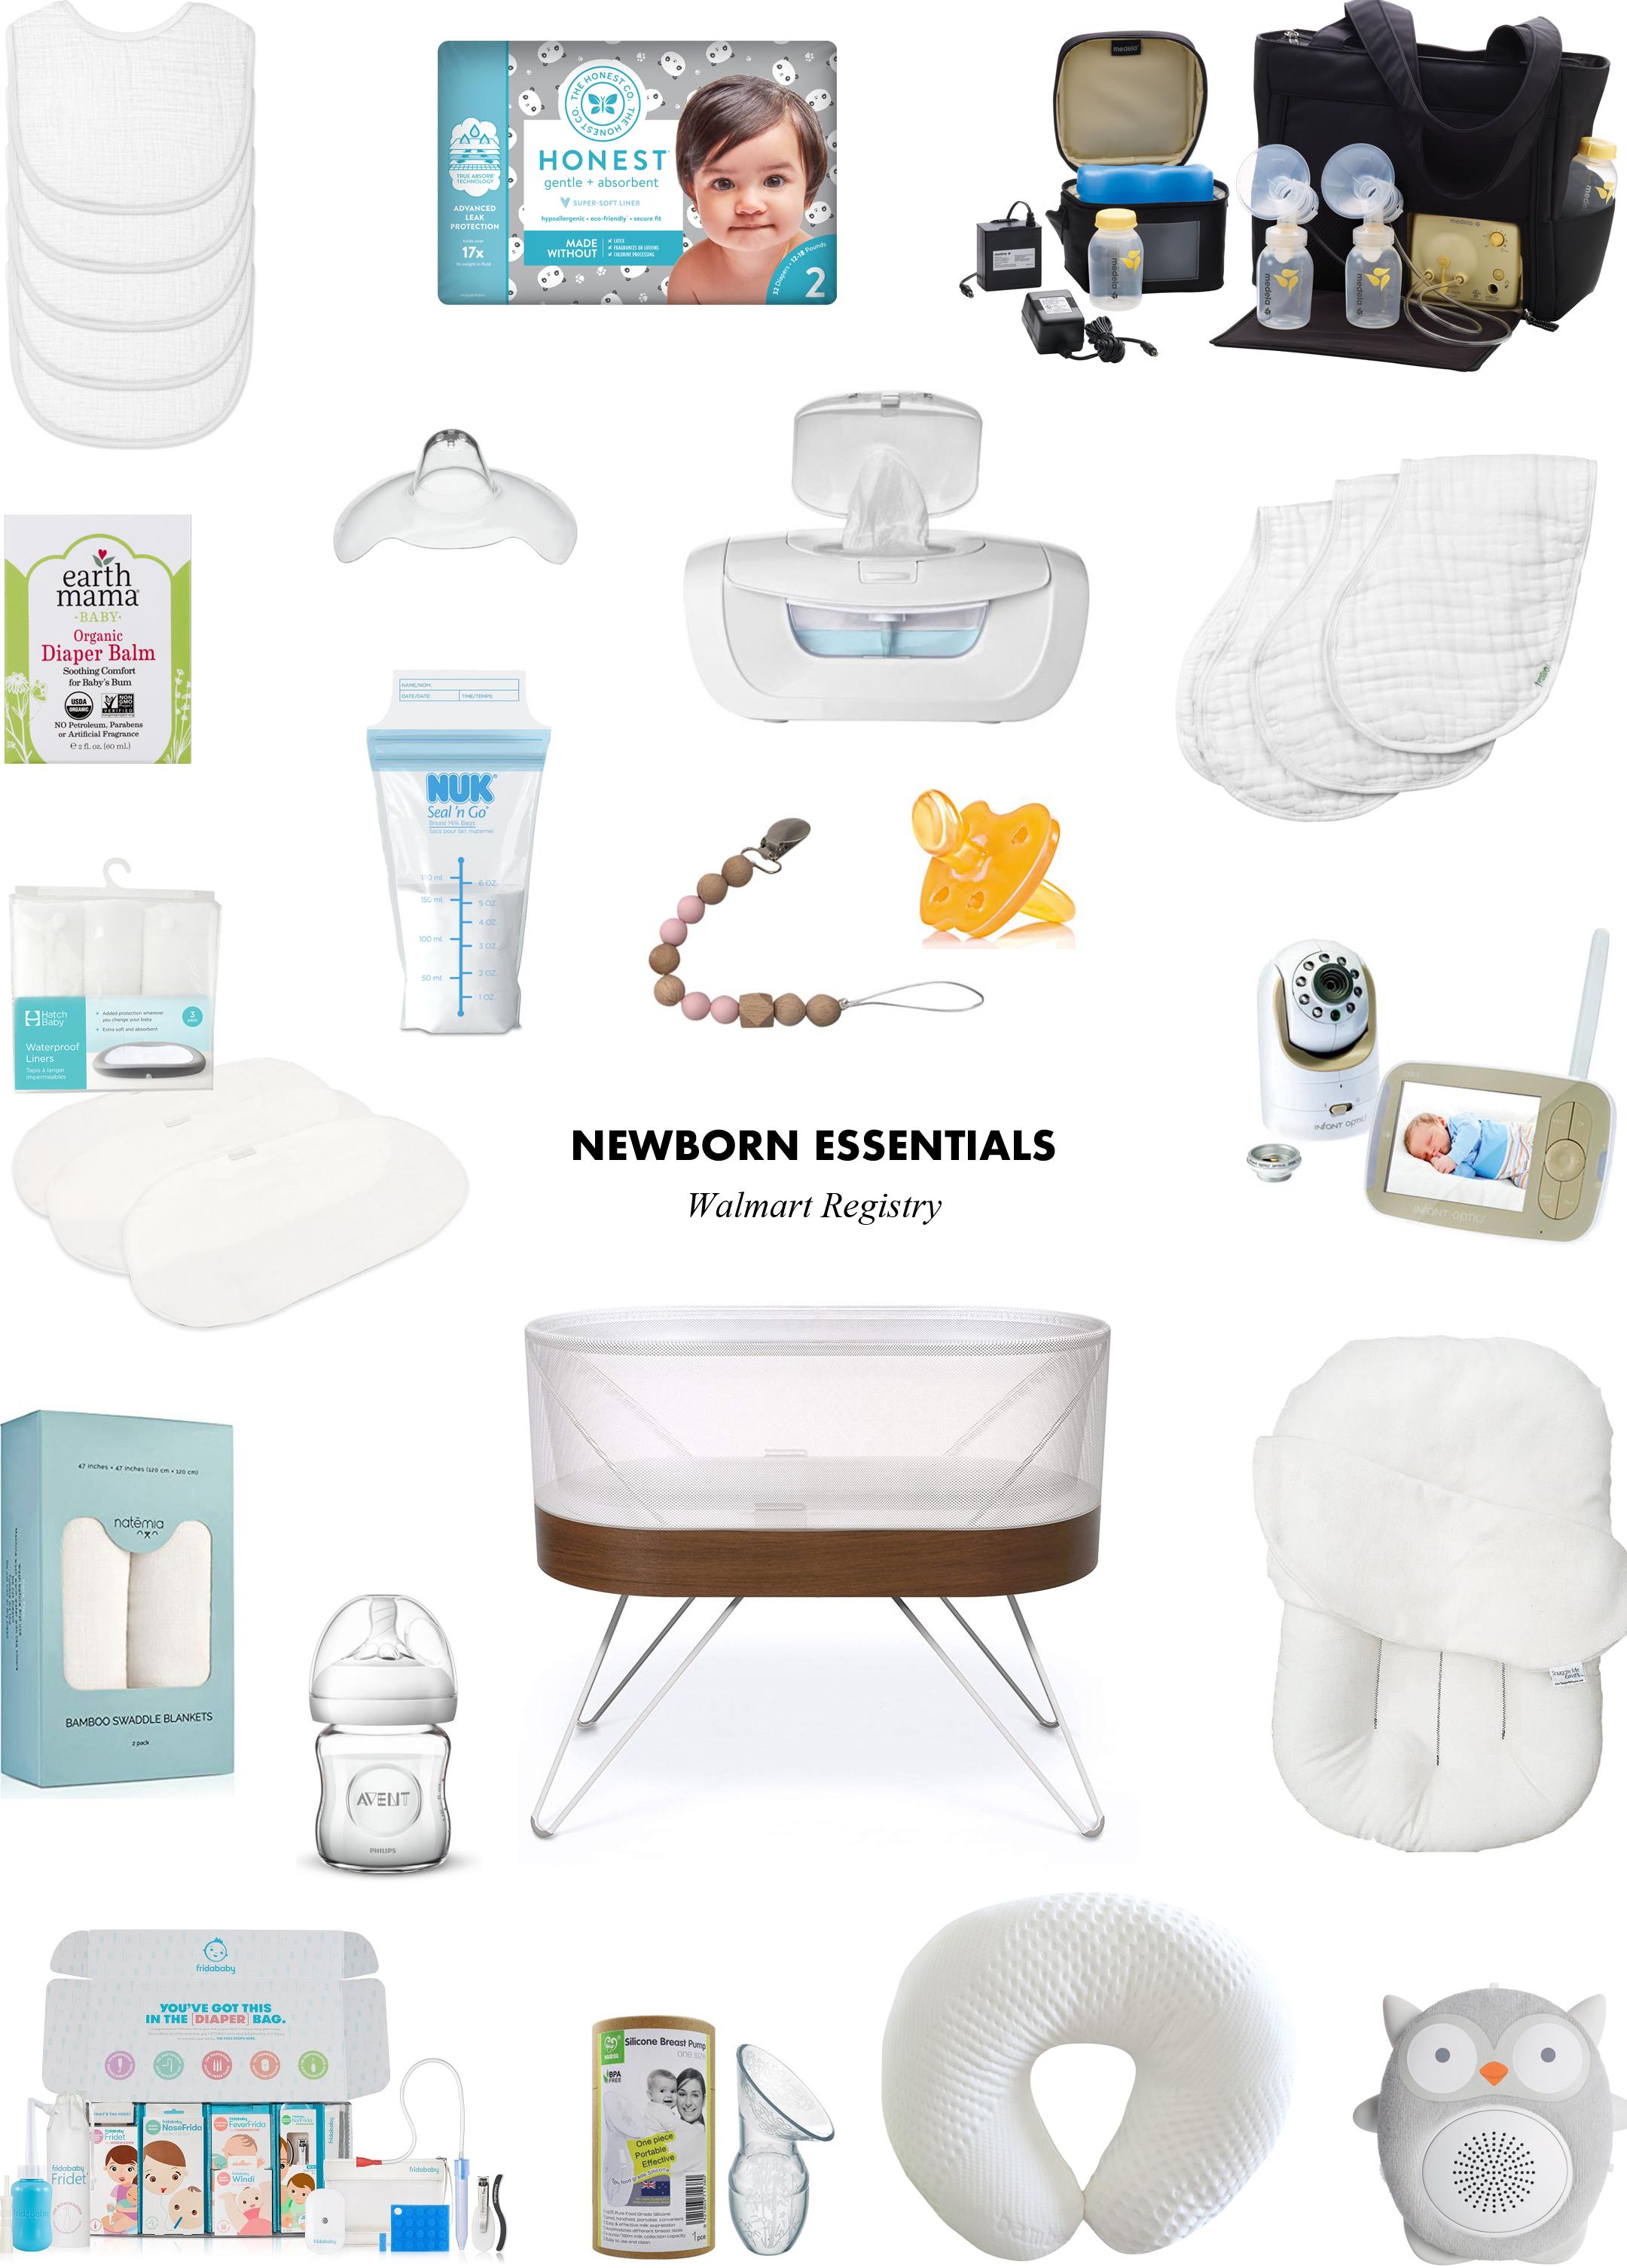 Walmart Registry Must Have Newborn Essentials